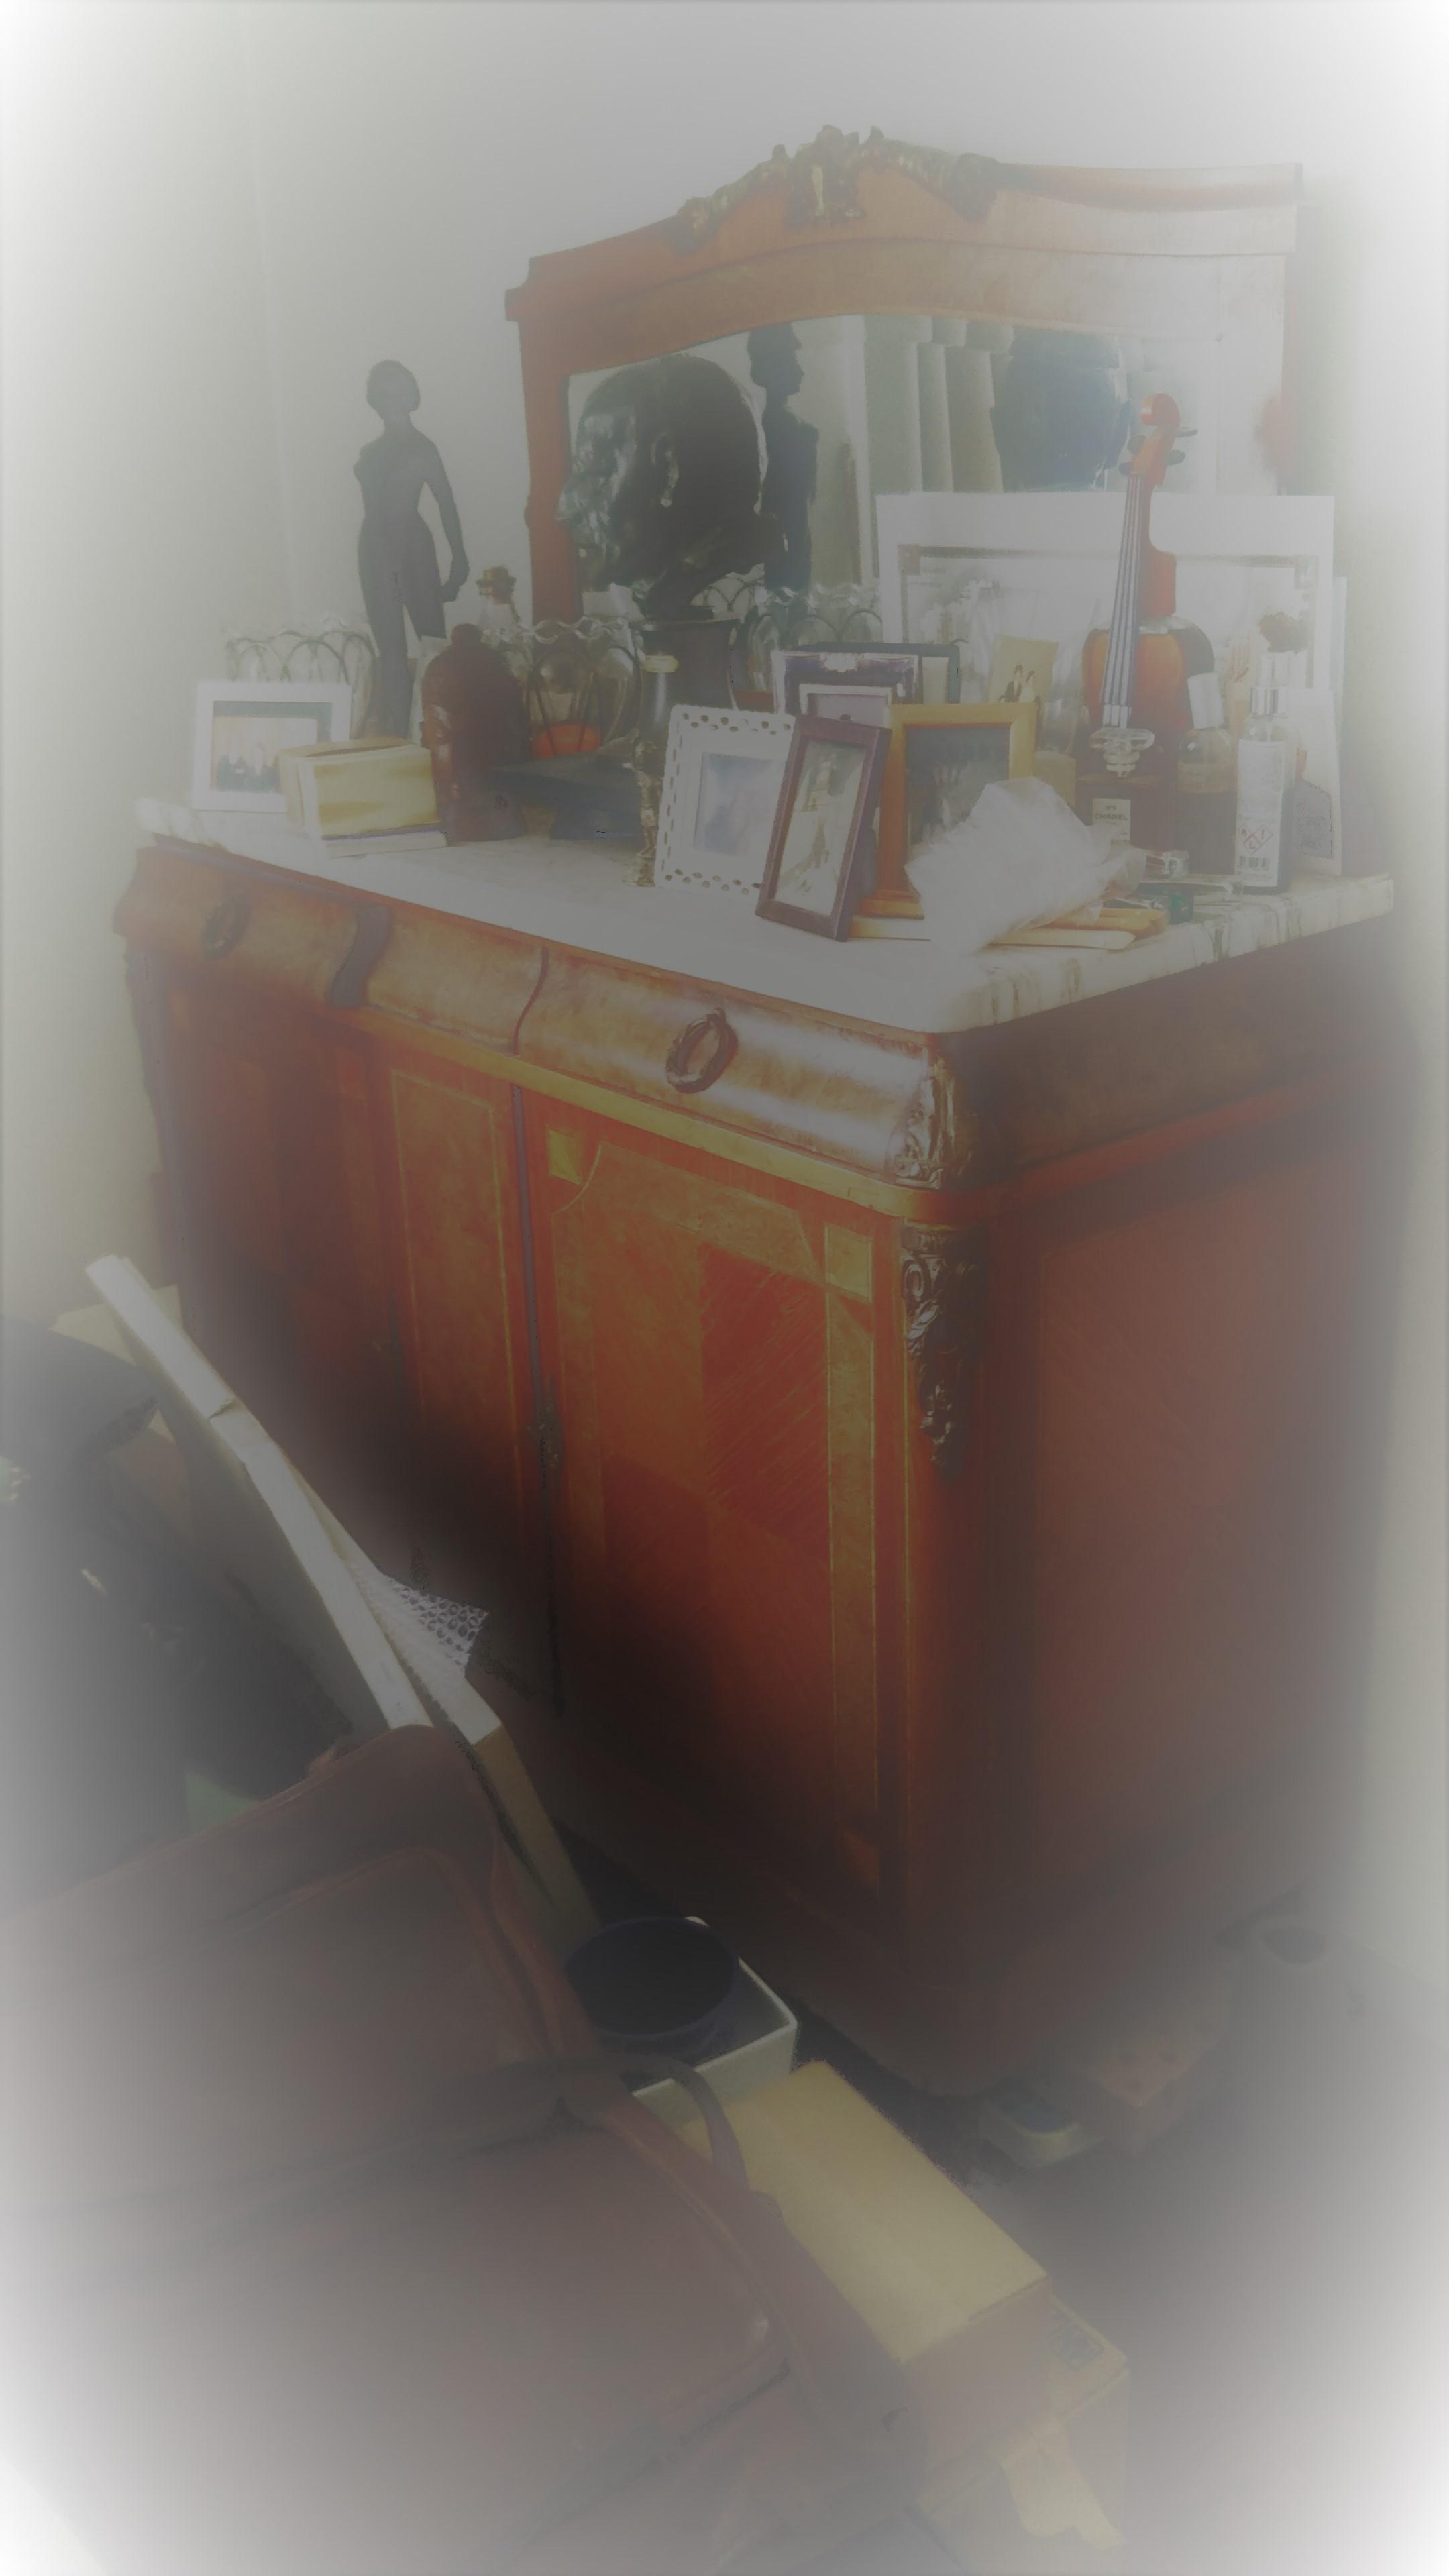 【美術品 絵画梱包・輸送作業 20201014】美術品・楽器・高級家具物流(梱包・輸送・保管)comブログ